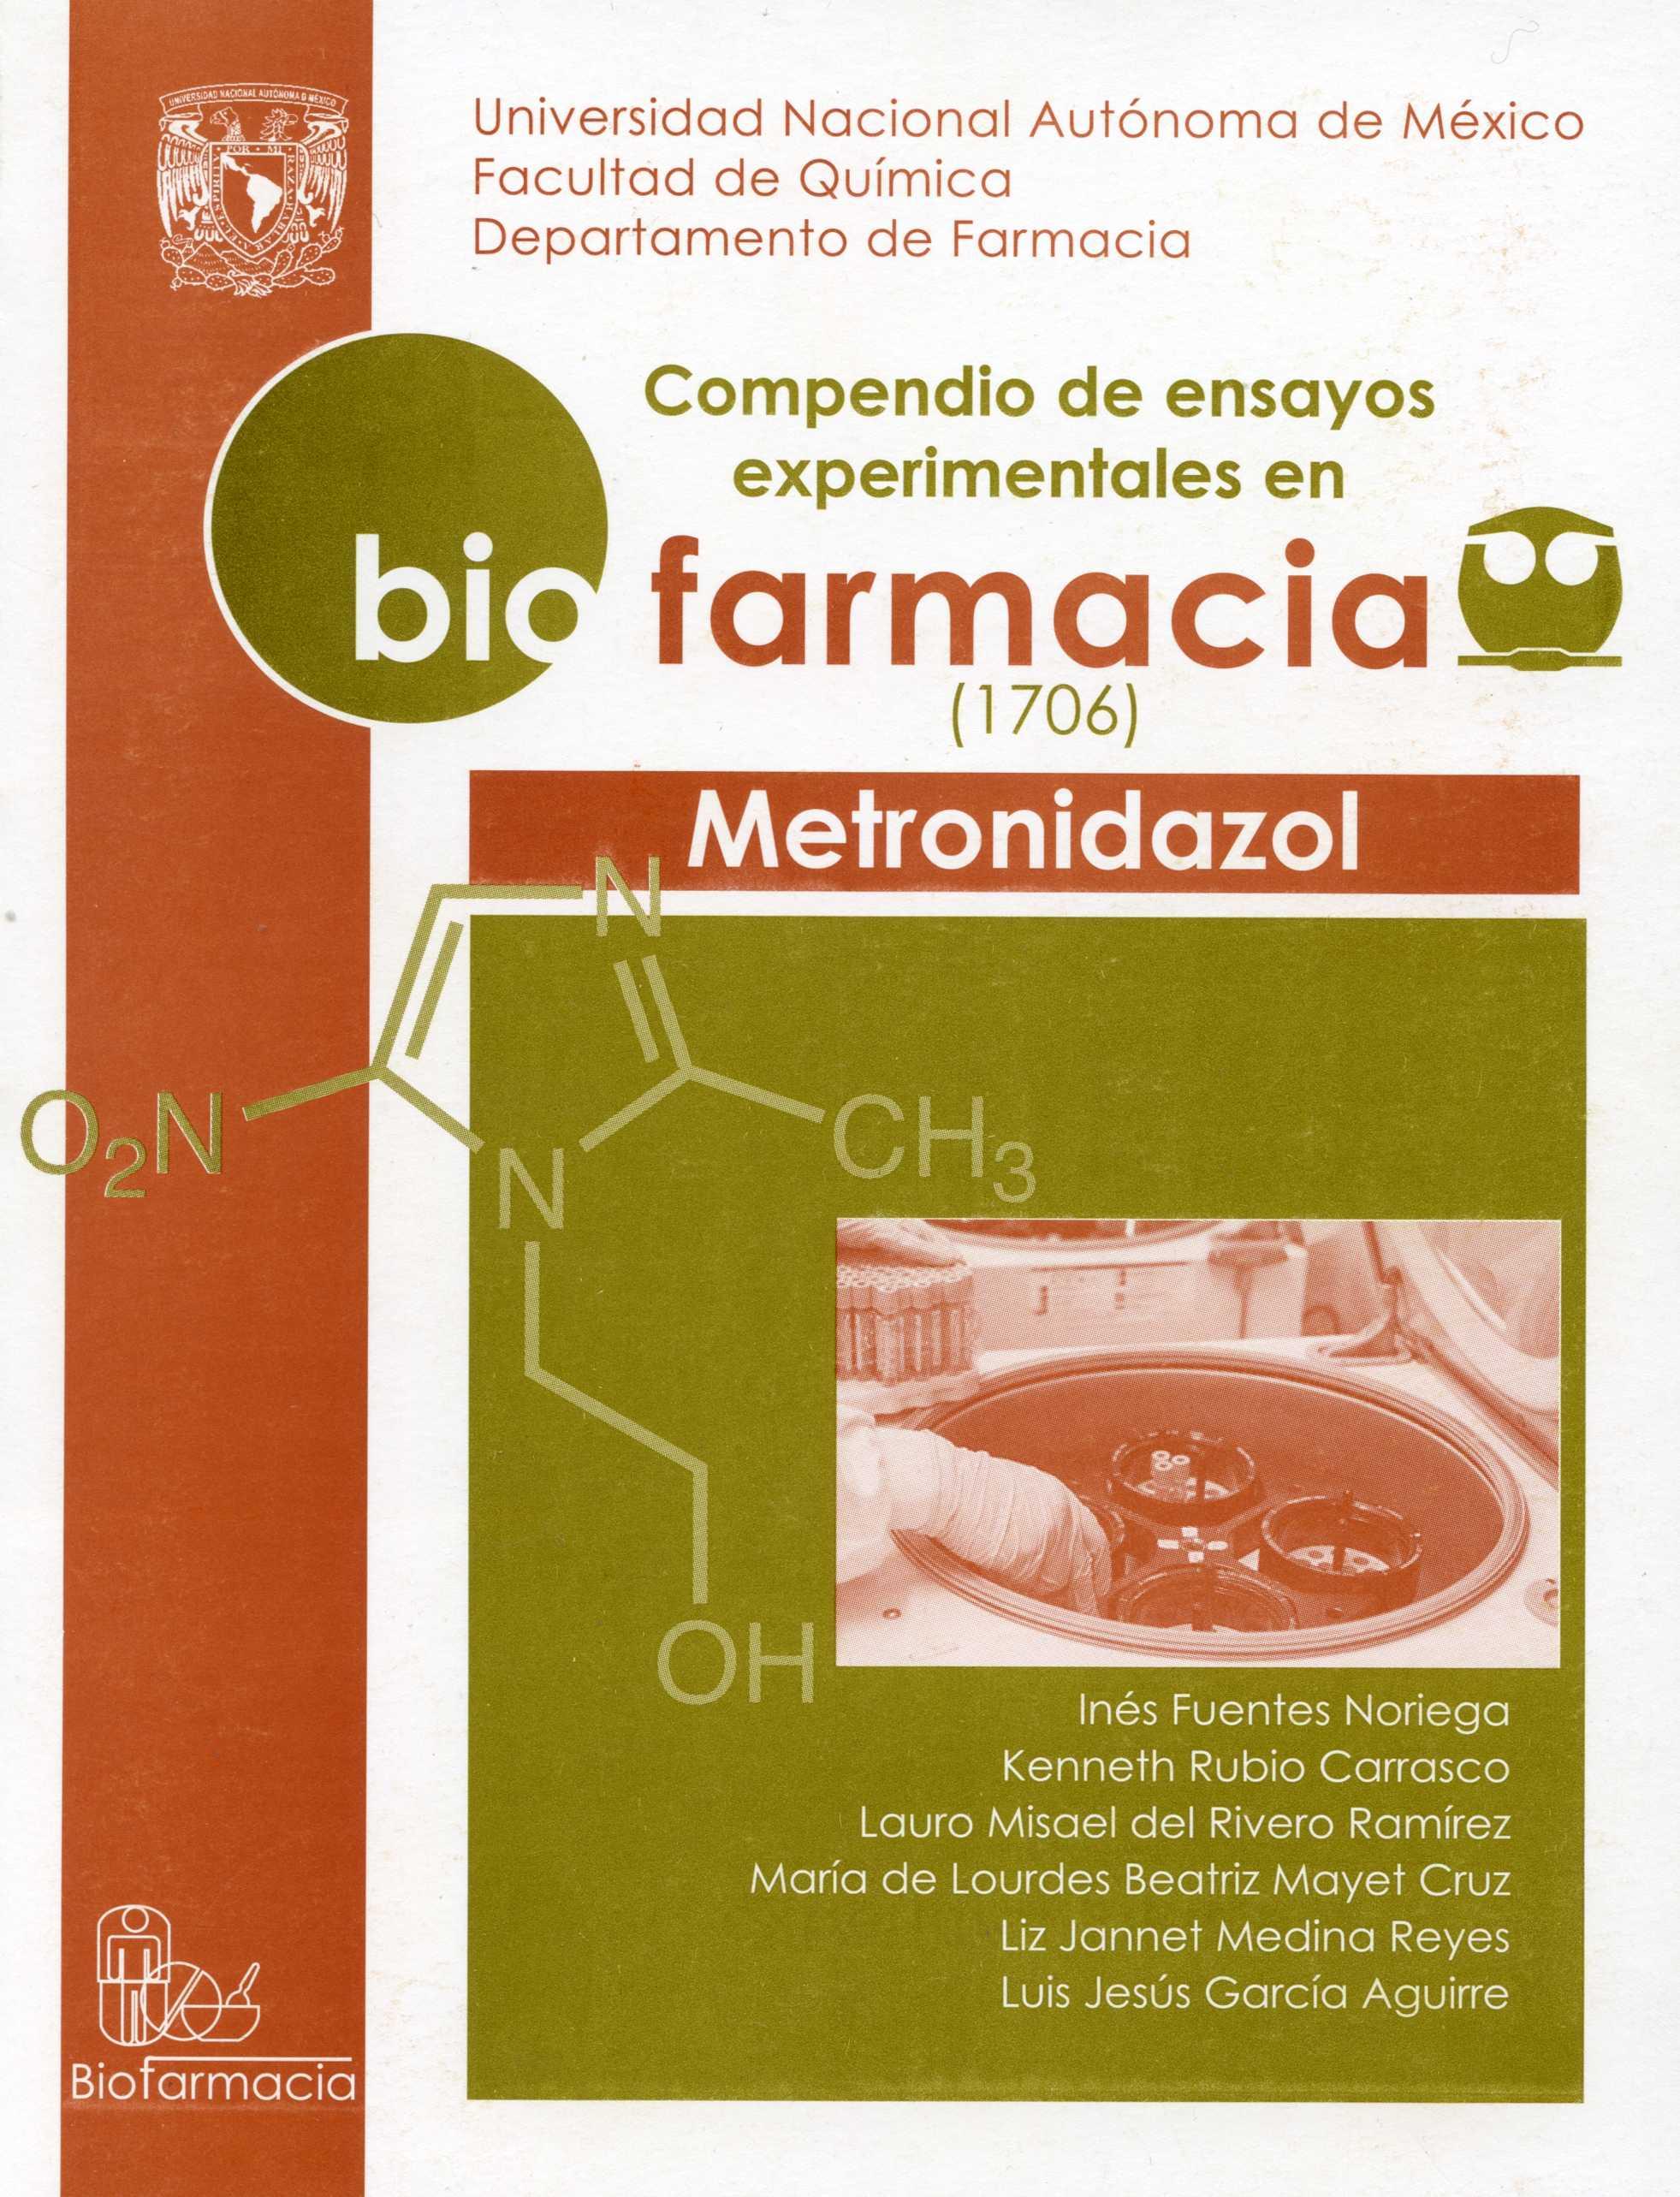 Compendio de ensayos experimentales en biofarmacia (1706). Metronidazol